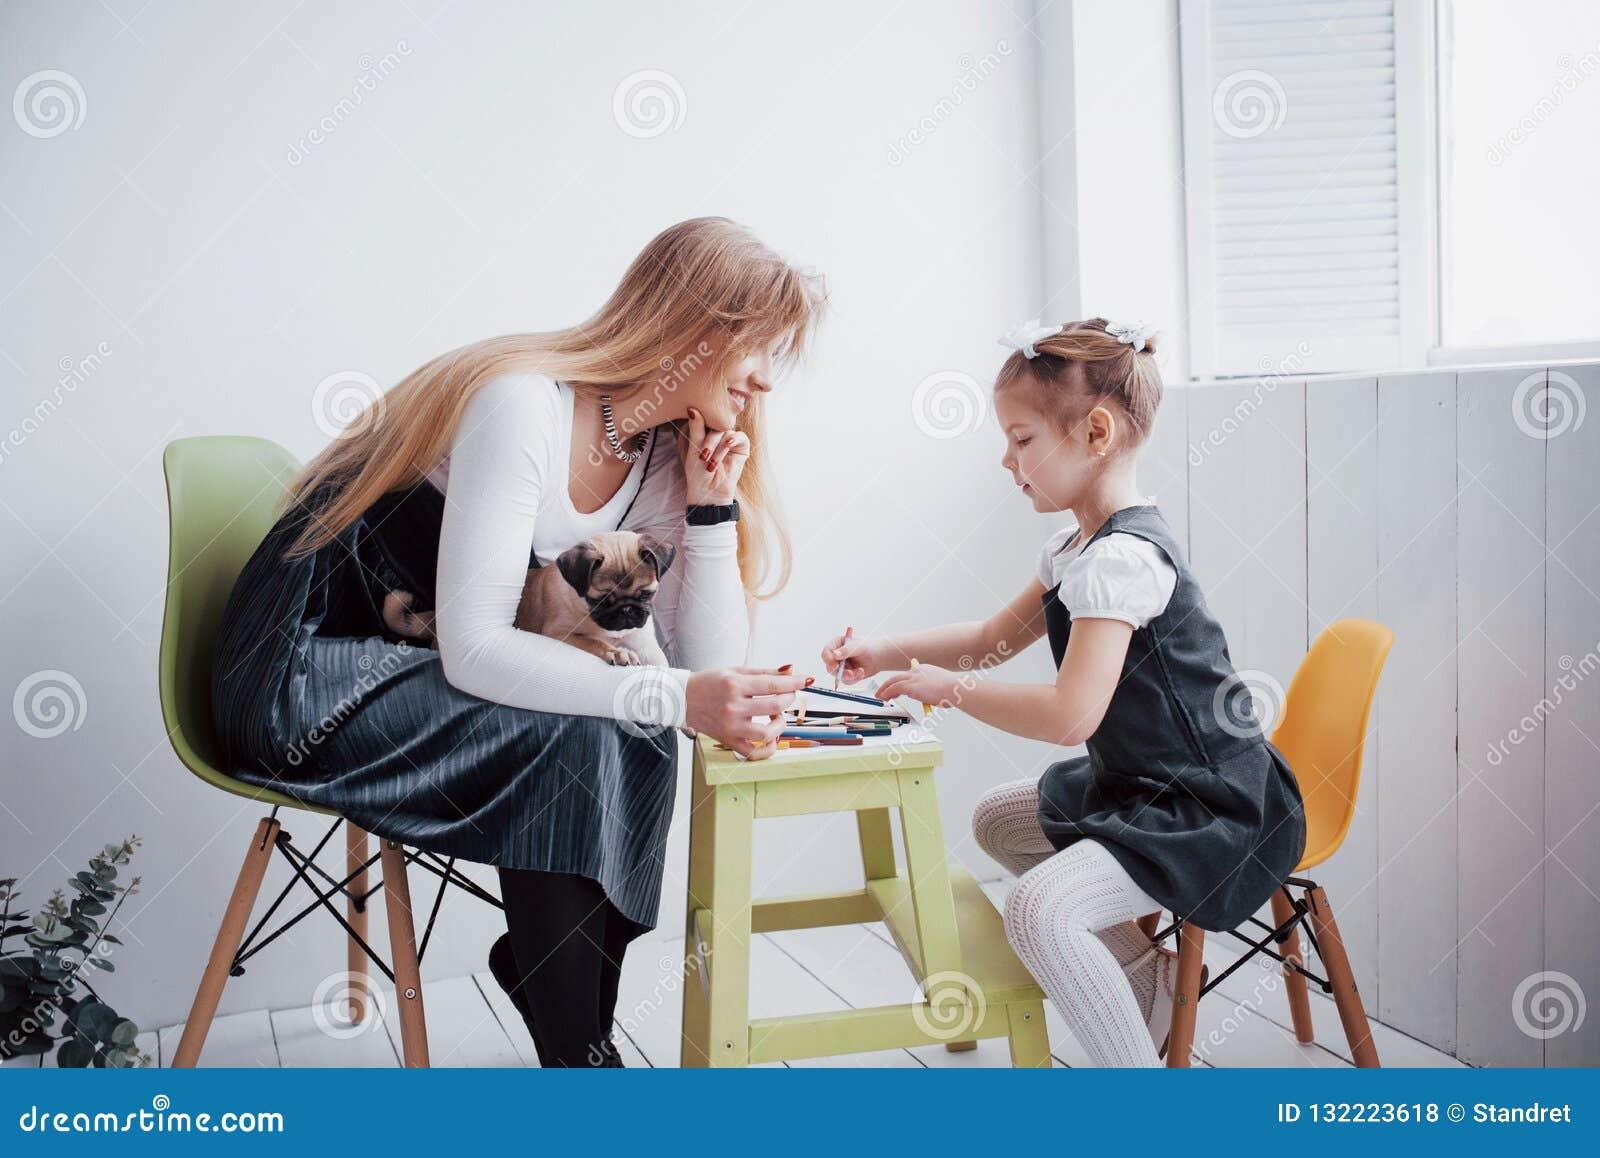 母亲和儿童女儿在幼儿园画参与创造性 与他们的小哈巴狗